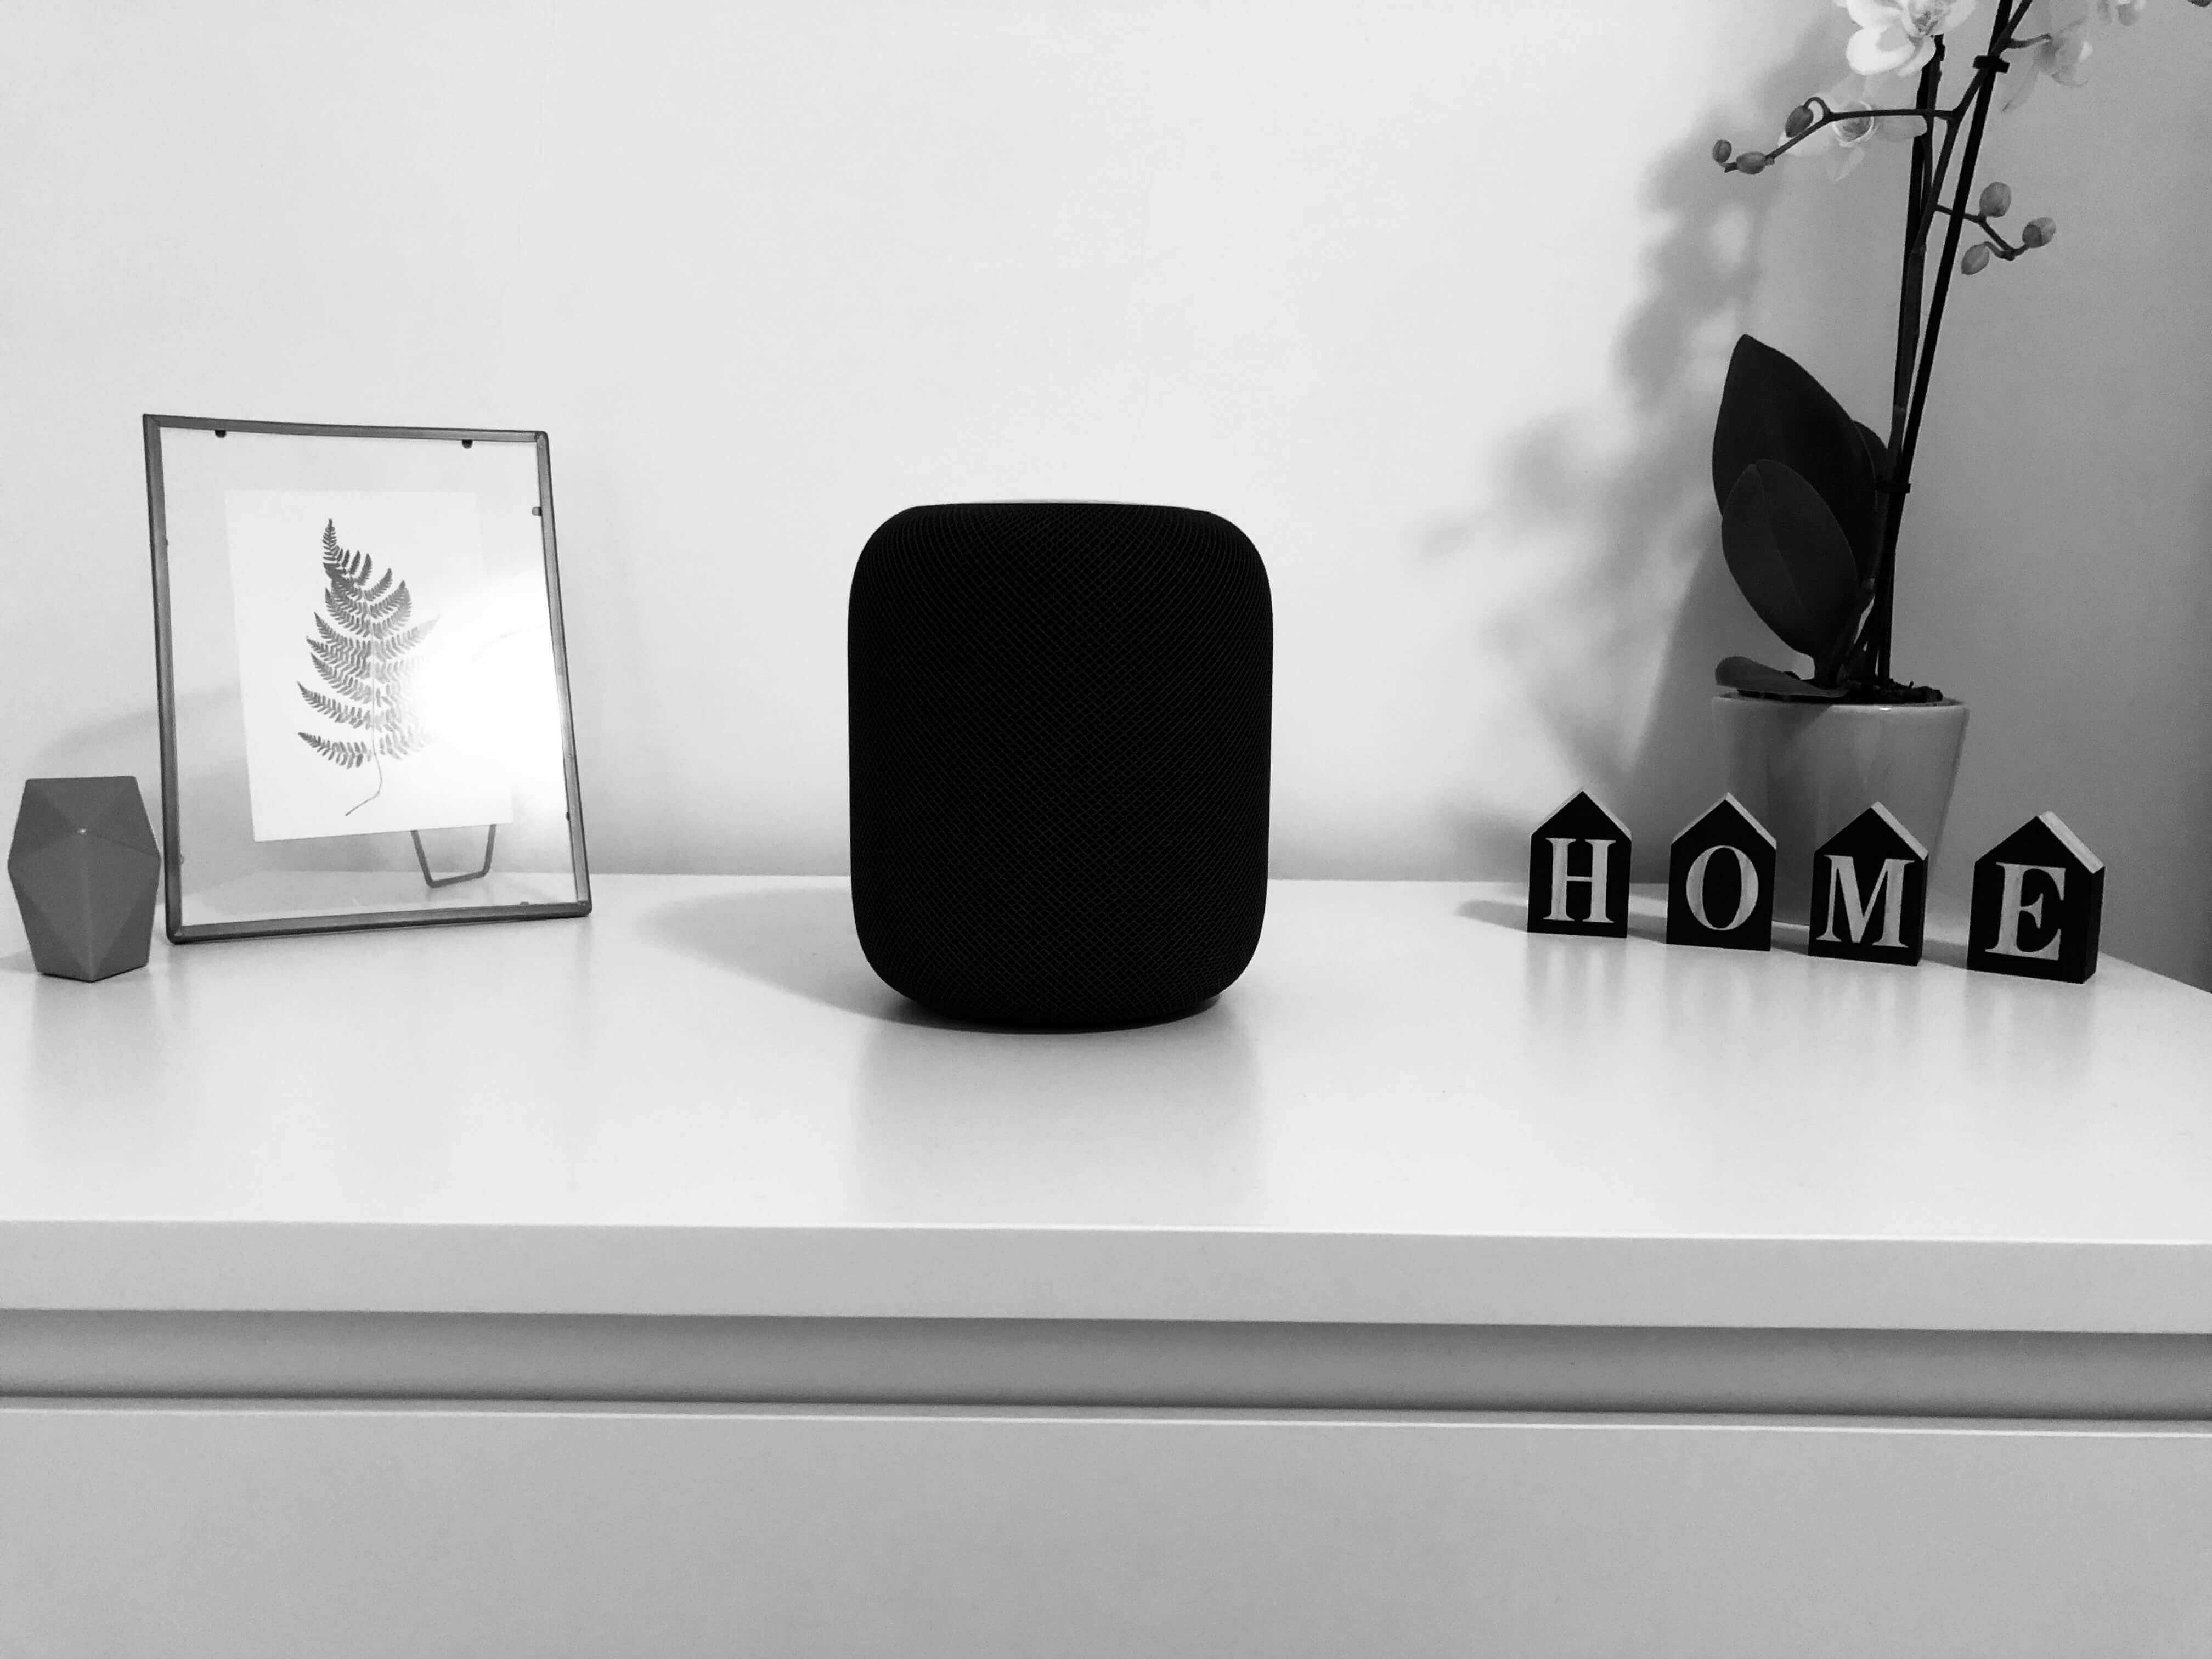 Smart speaker house